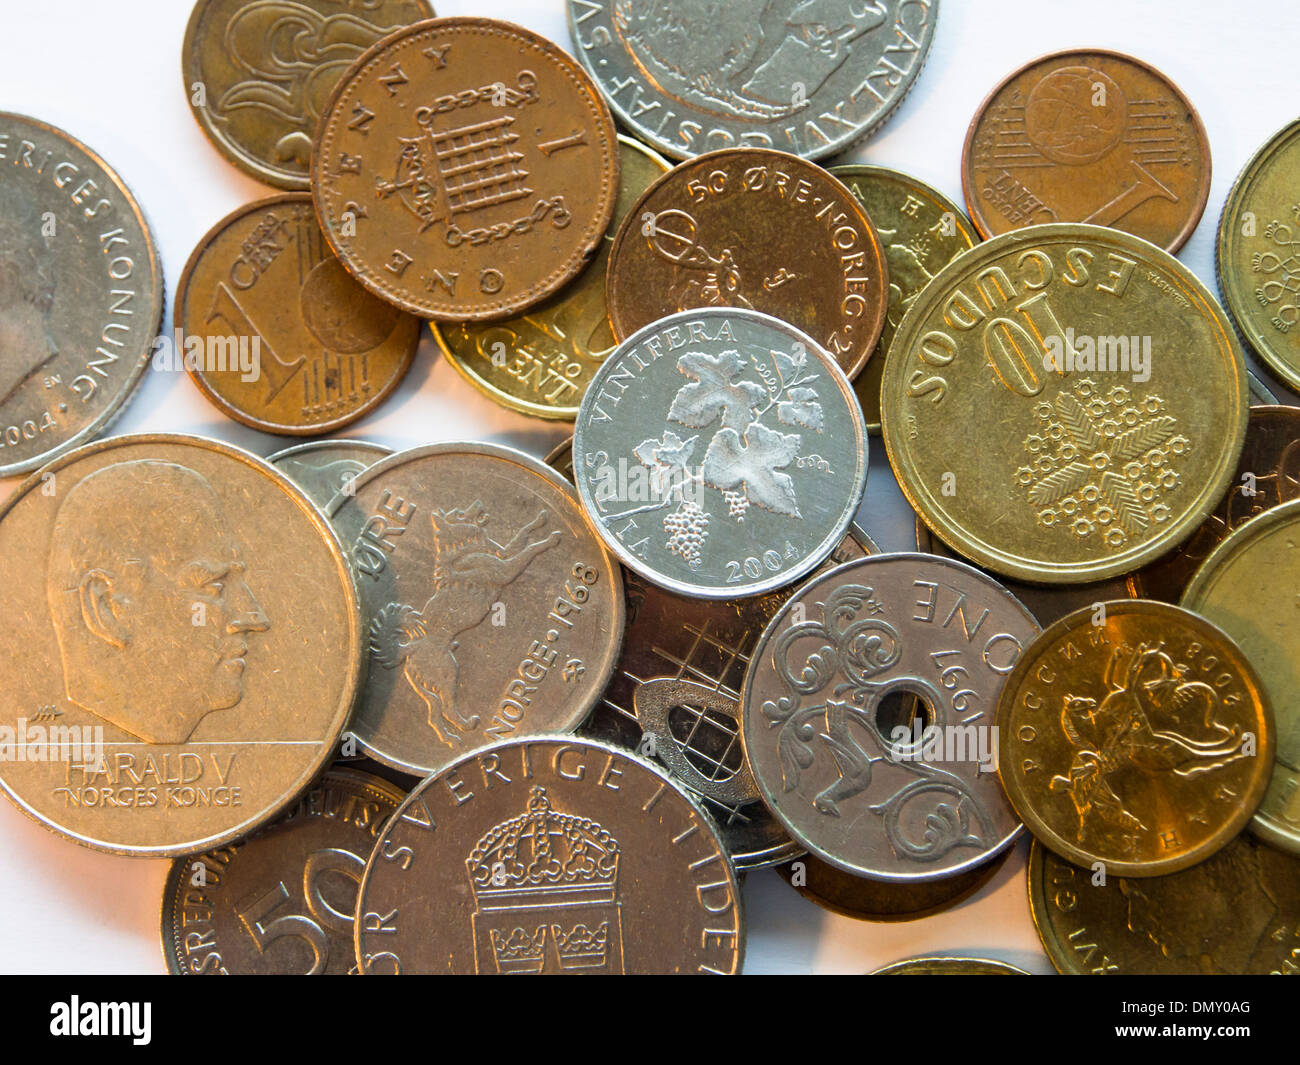 Münzen Auf Weißem Hintergrund Verschiedener Länder Währung